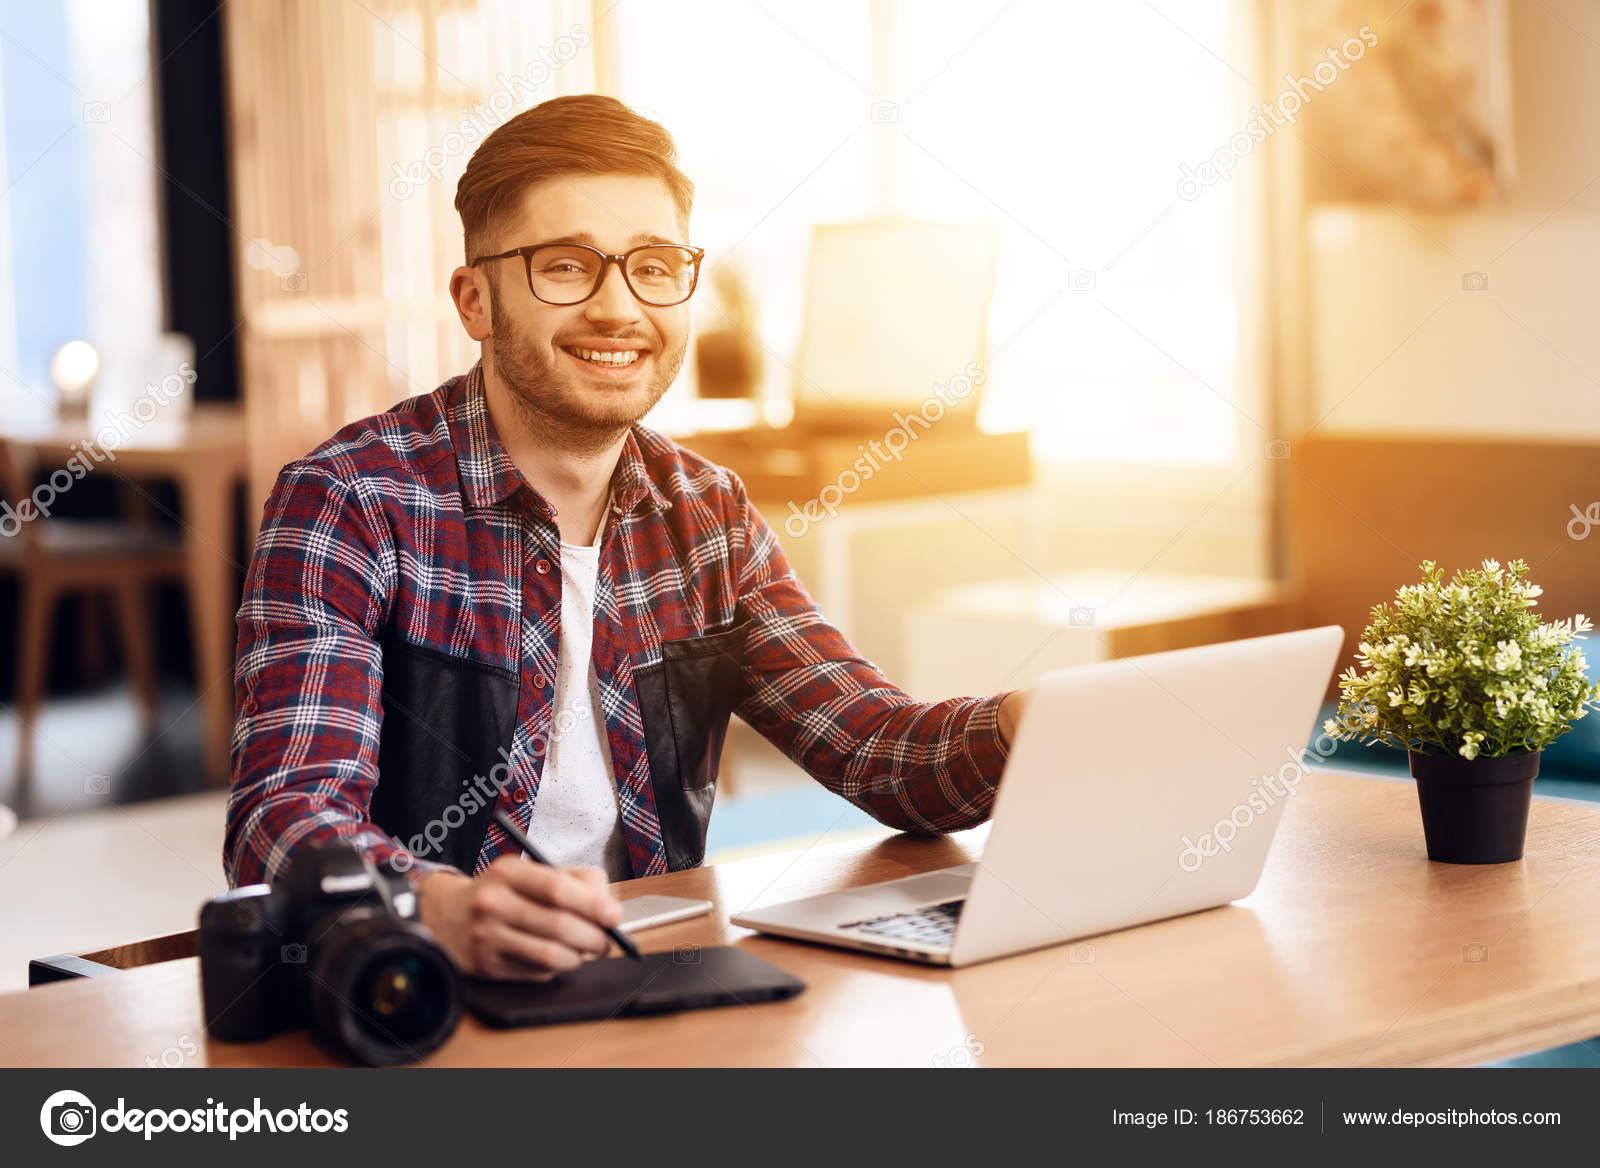 Disegno Uomo Alla Scrivania : Uomo libero professionista di disegno al computer portatile seduto